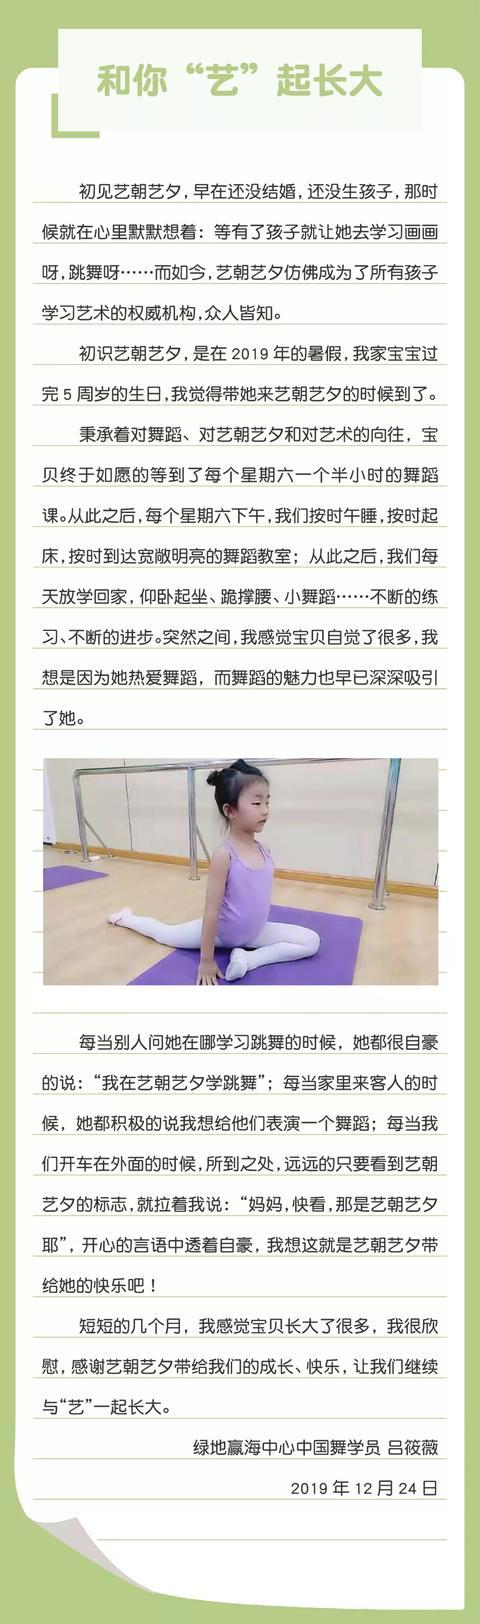 片仔黄视频APP分享孩子在日本裸体人体艺术学习体验